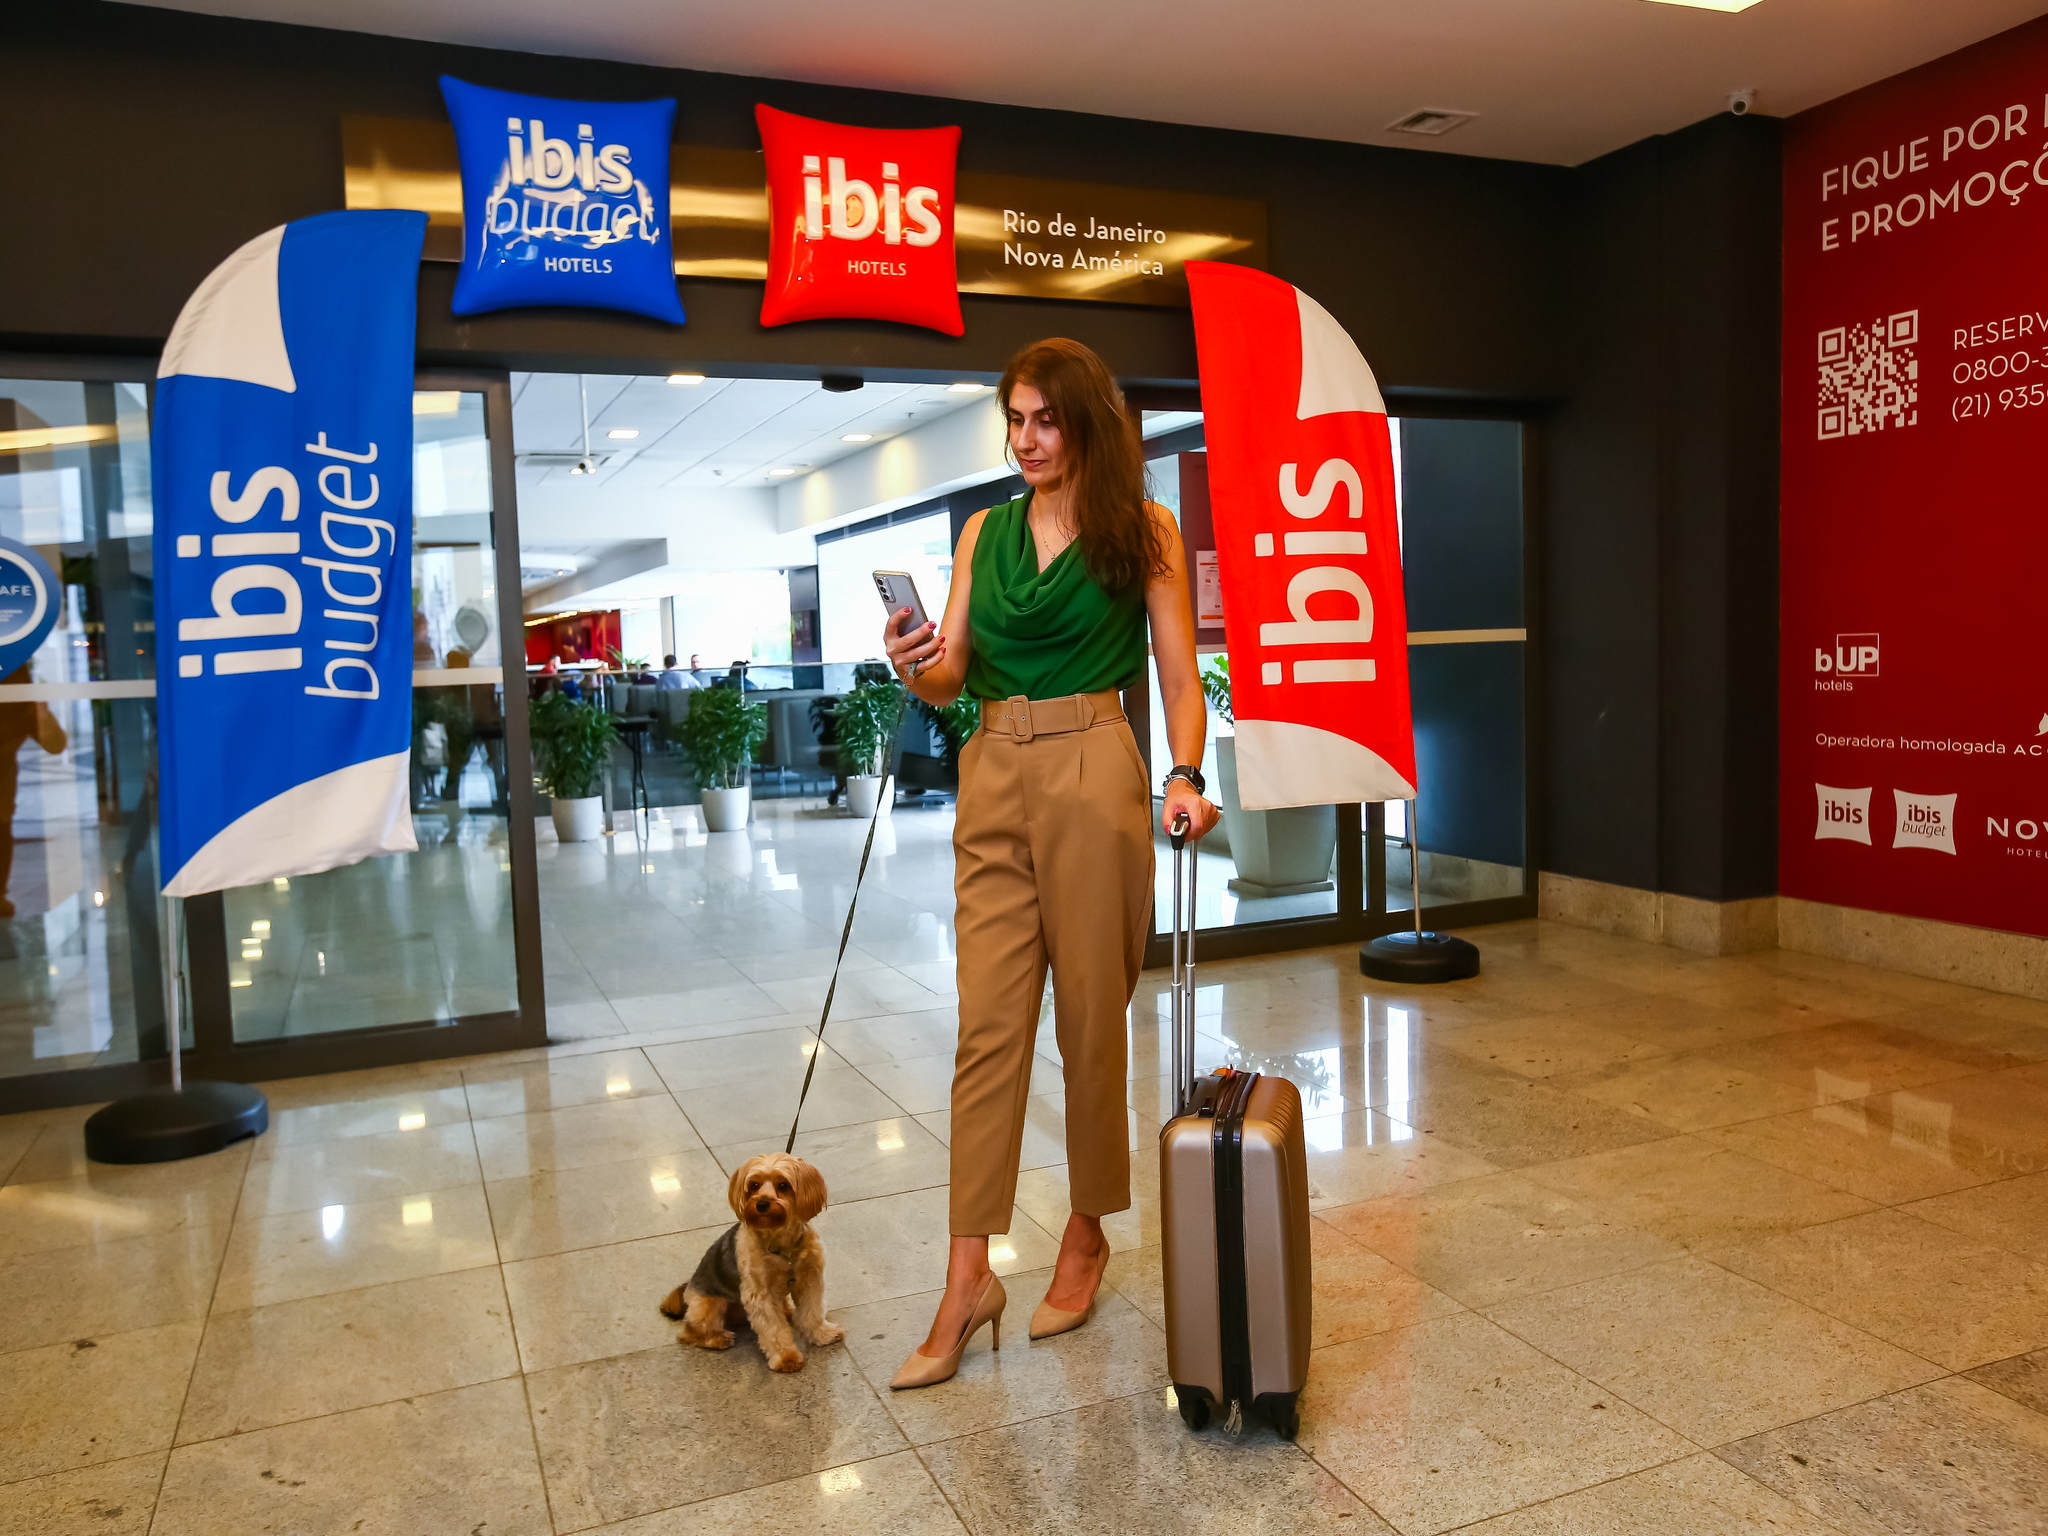 Hotel – ibis budget Rio de Janeiro Nova America